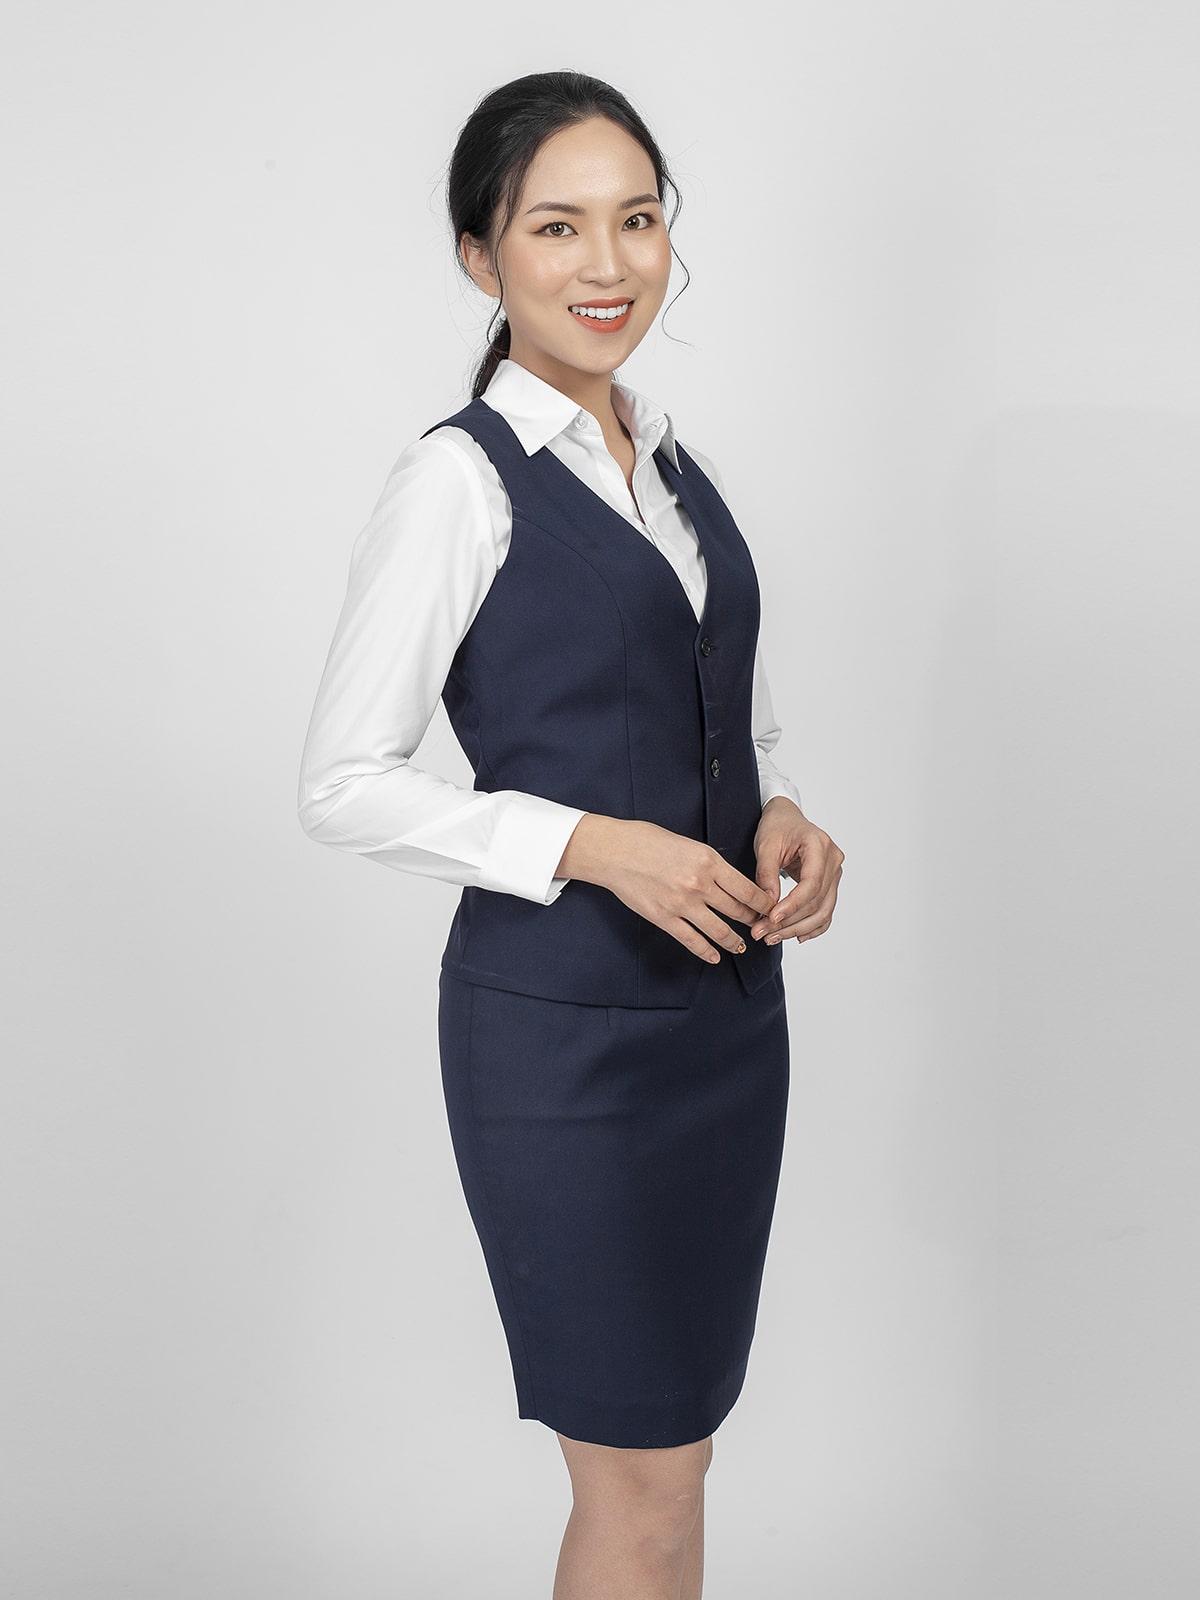 áo gile nữ công sở đẹp